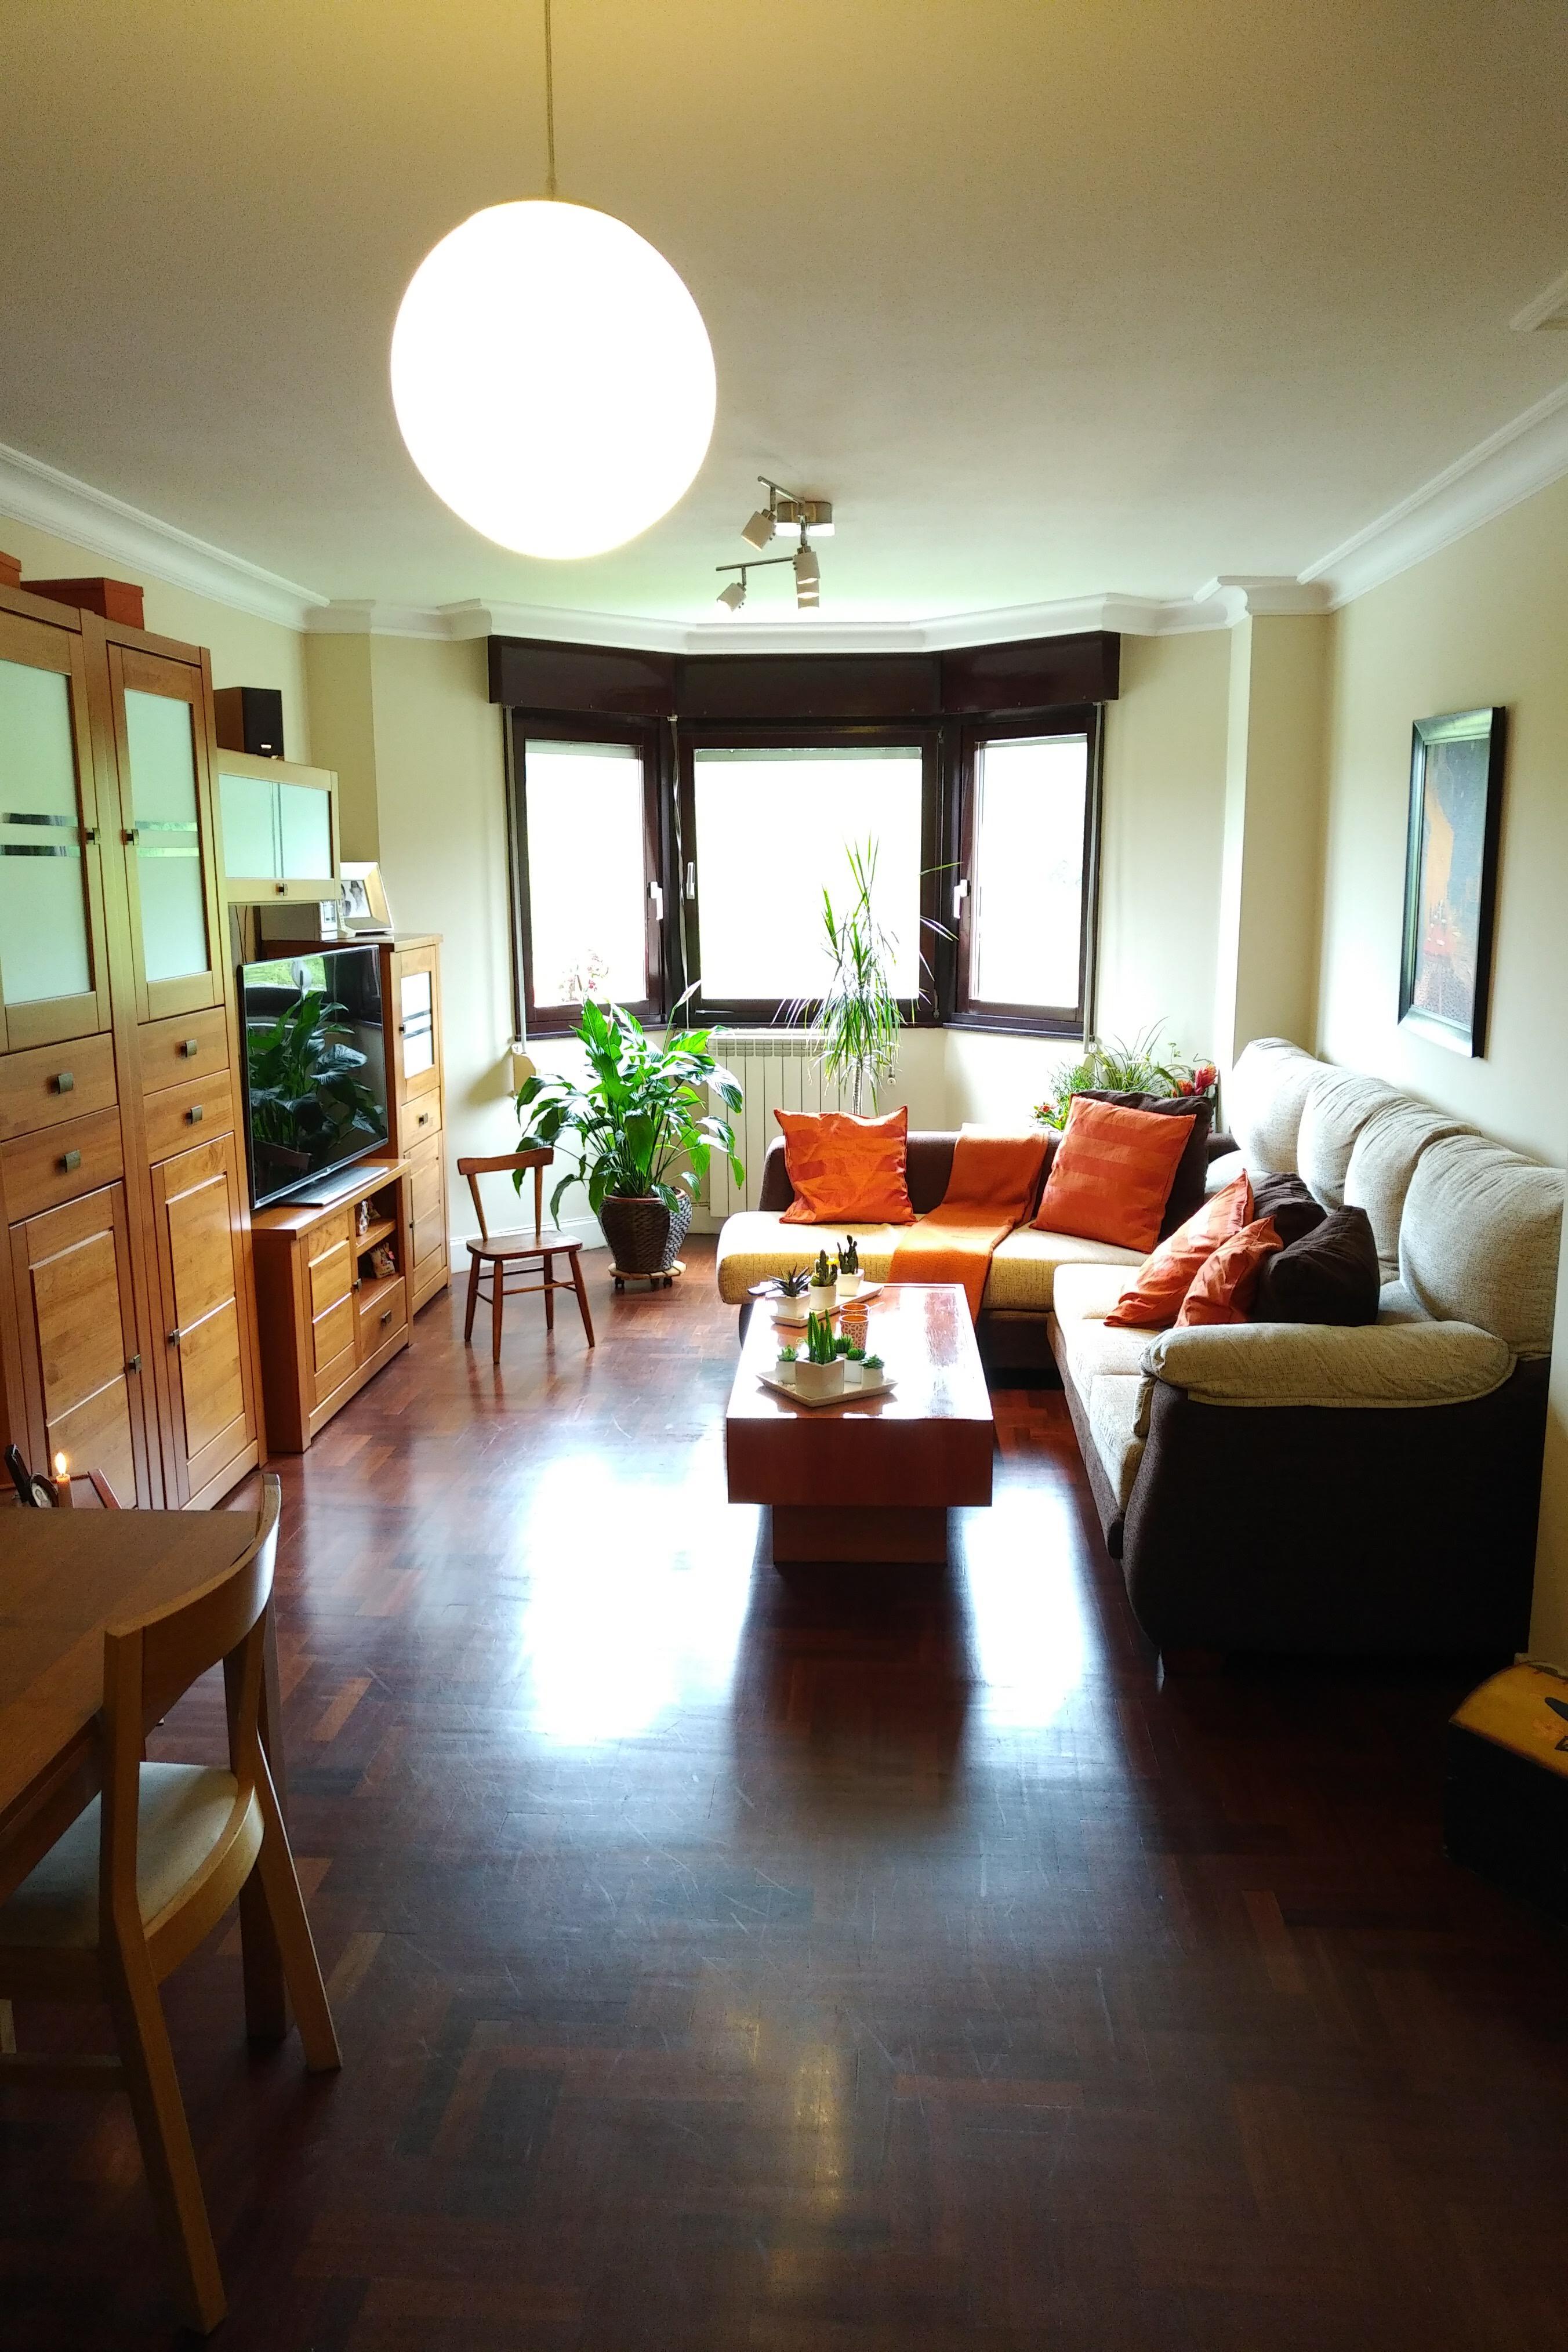 Bonito piso en venta  frente al HUCA, Oviedo